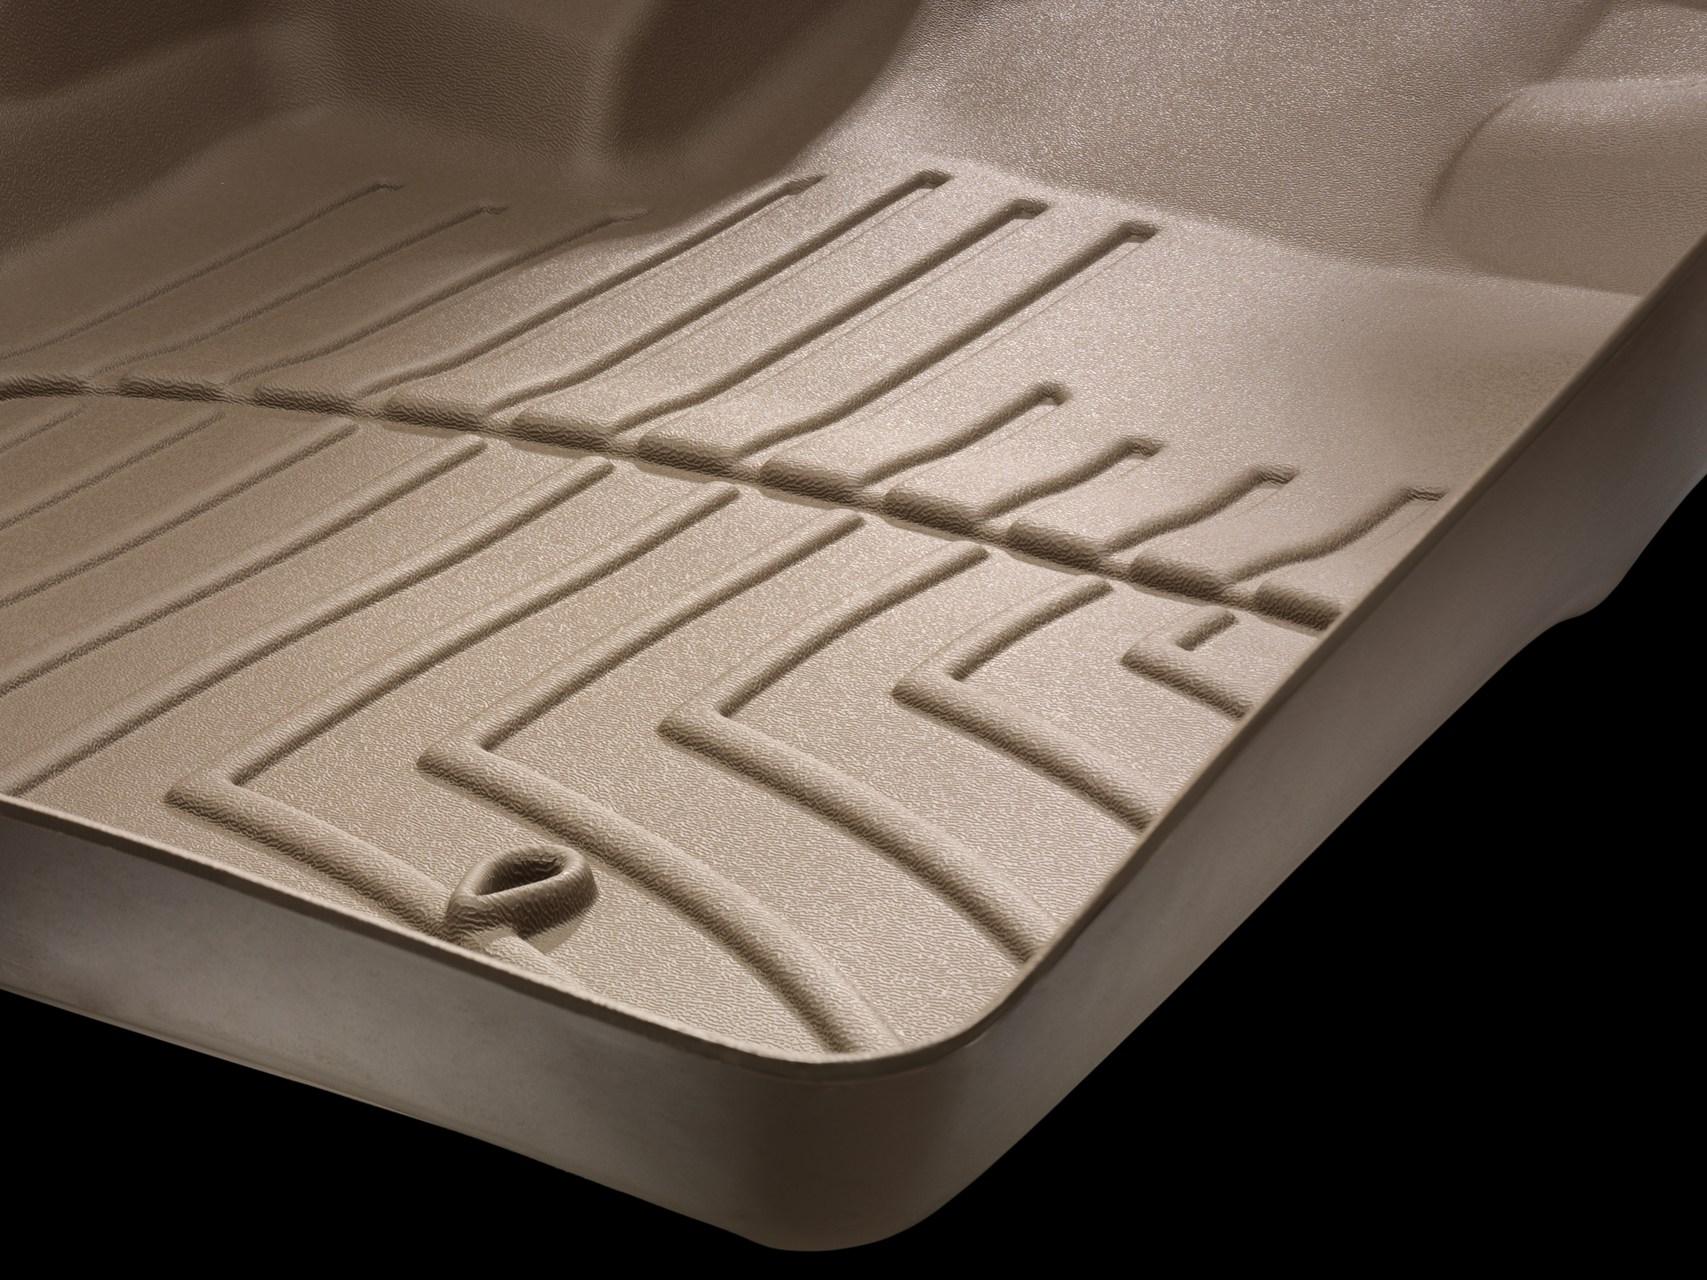 Weathertech floor mats commercial - Floorliner_cu_1